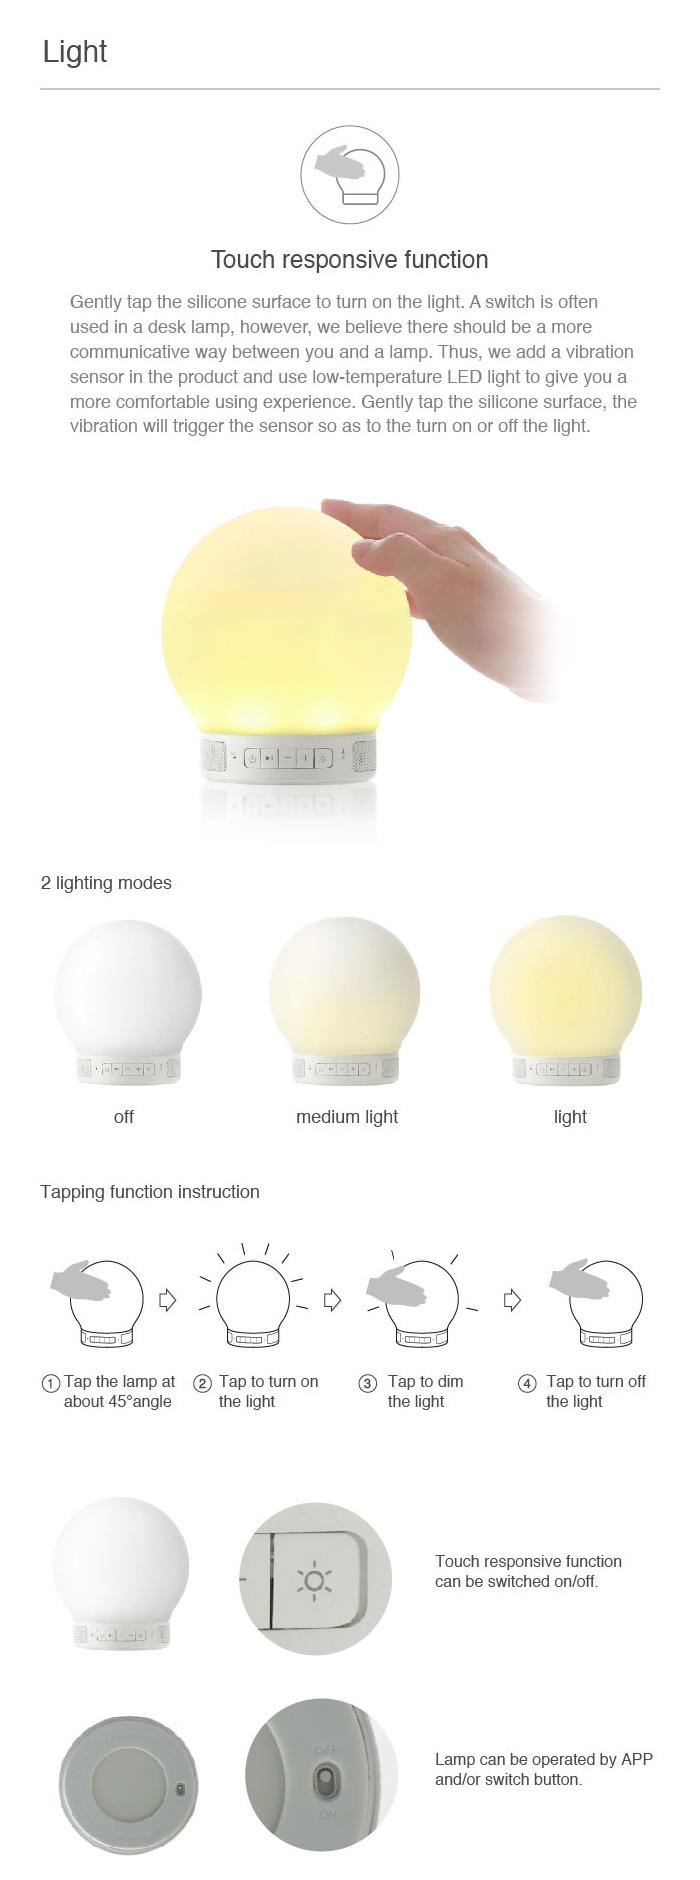 emoi smart lamp